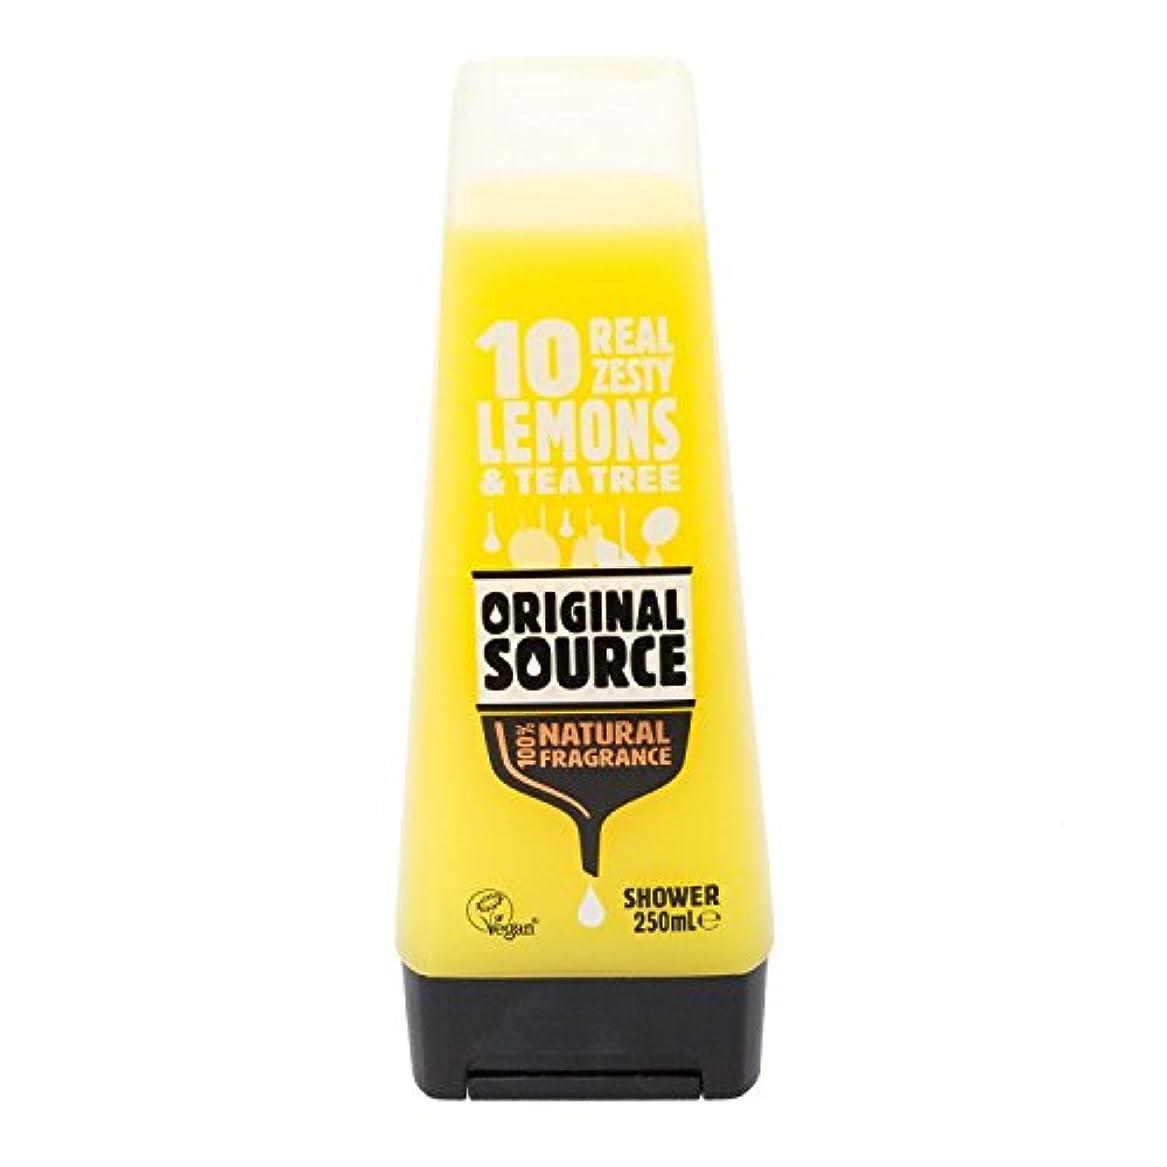 臭い過度に傾向があるCussons Lemon and Tea Tree Original Source Shower Gel by PZ CUSSONS (UK) LTD